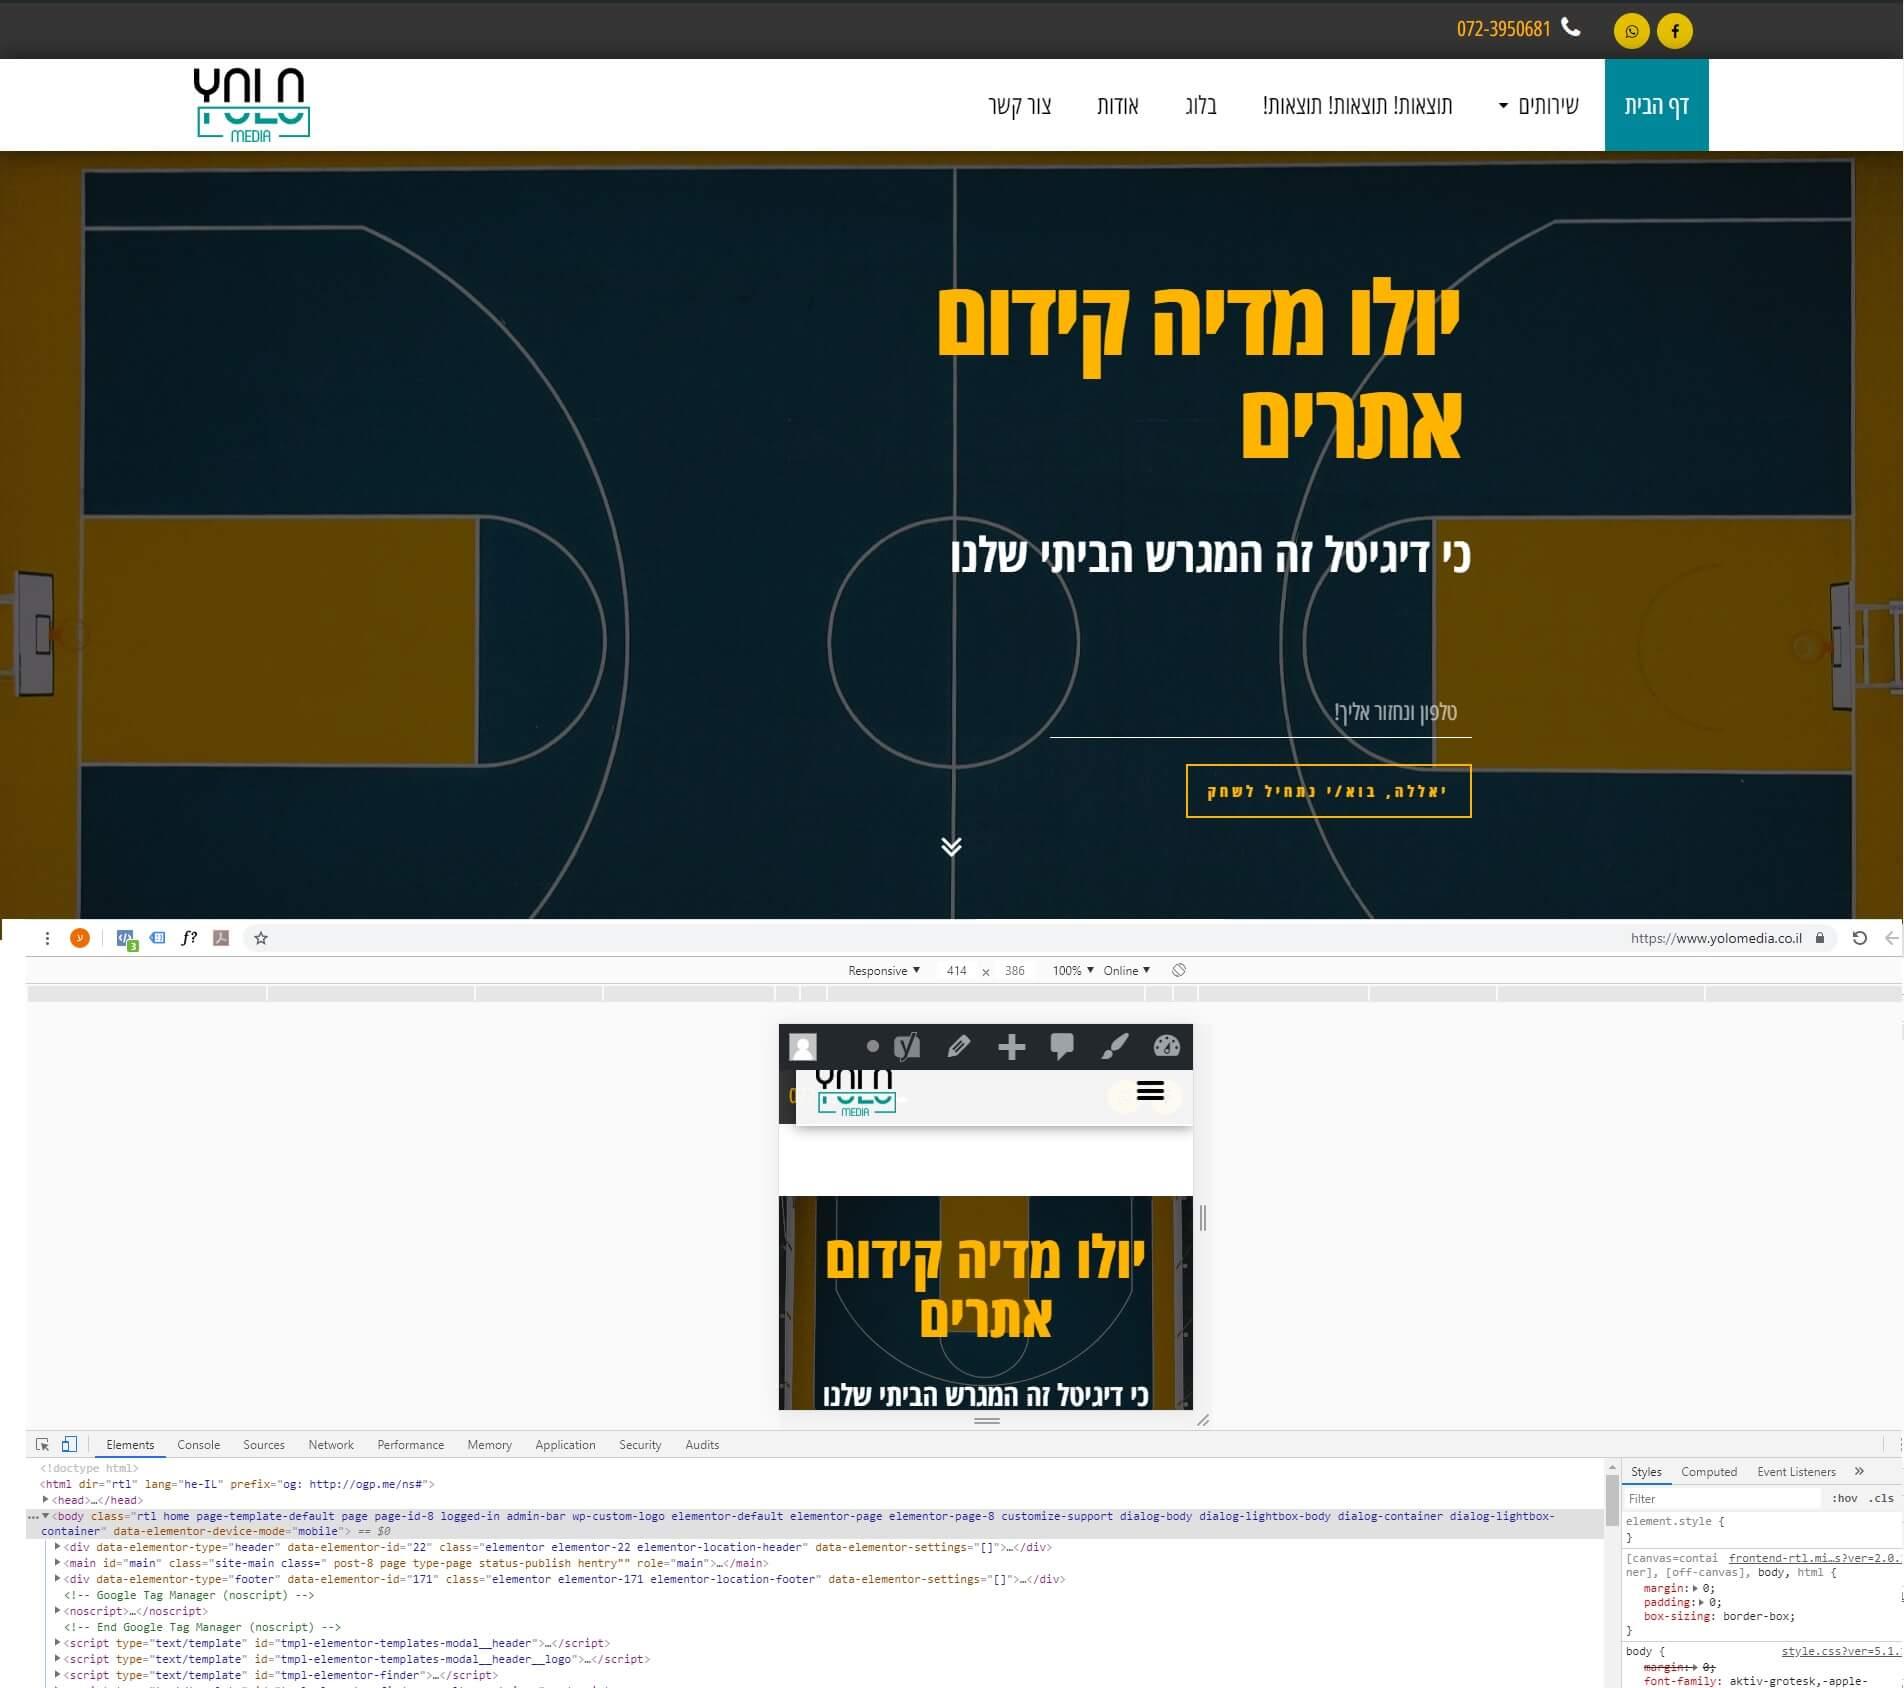 אתר יולו במחשב מול אתר יולו בנייד